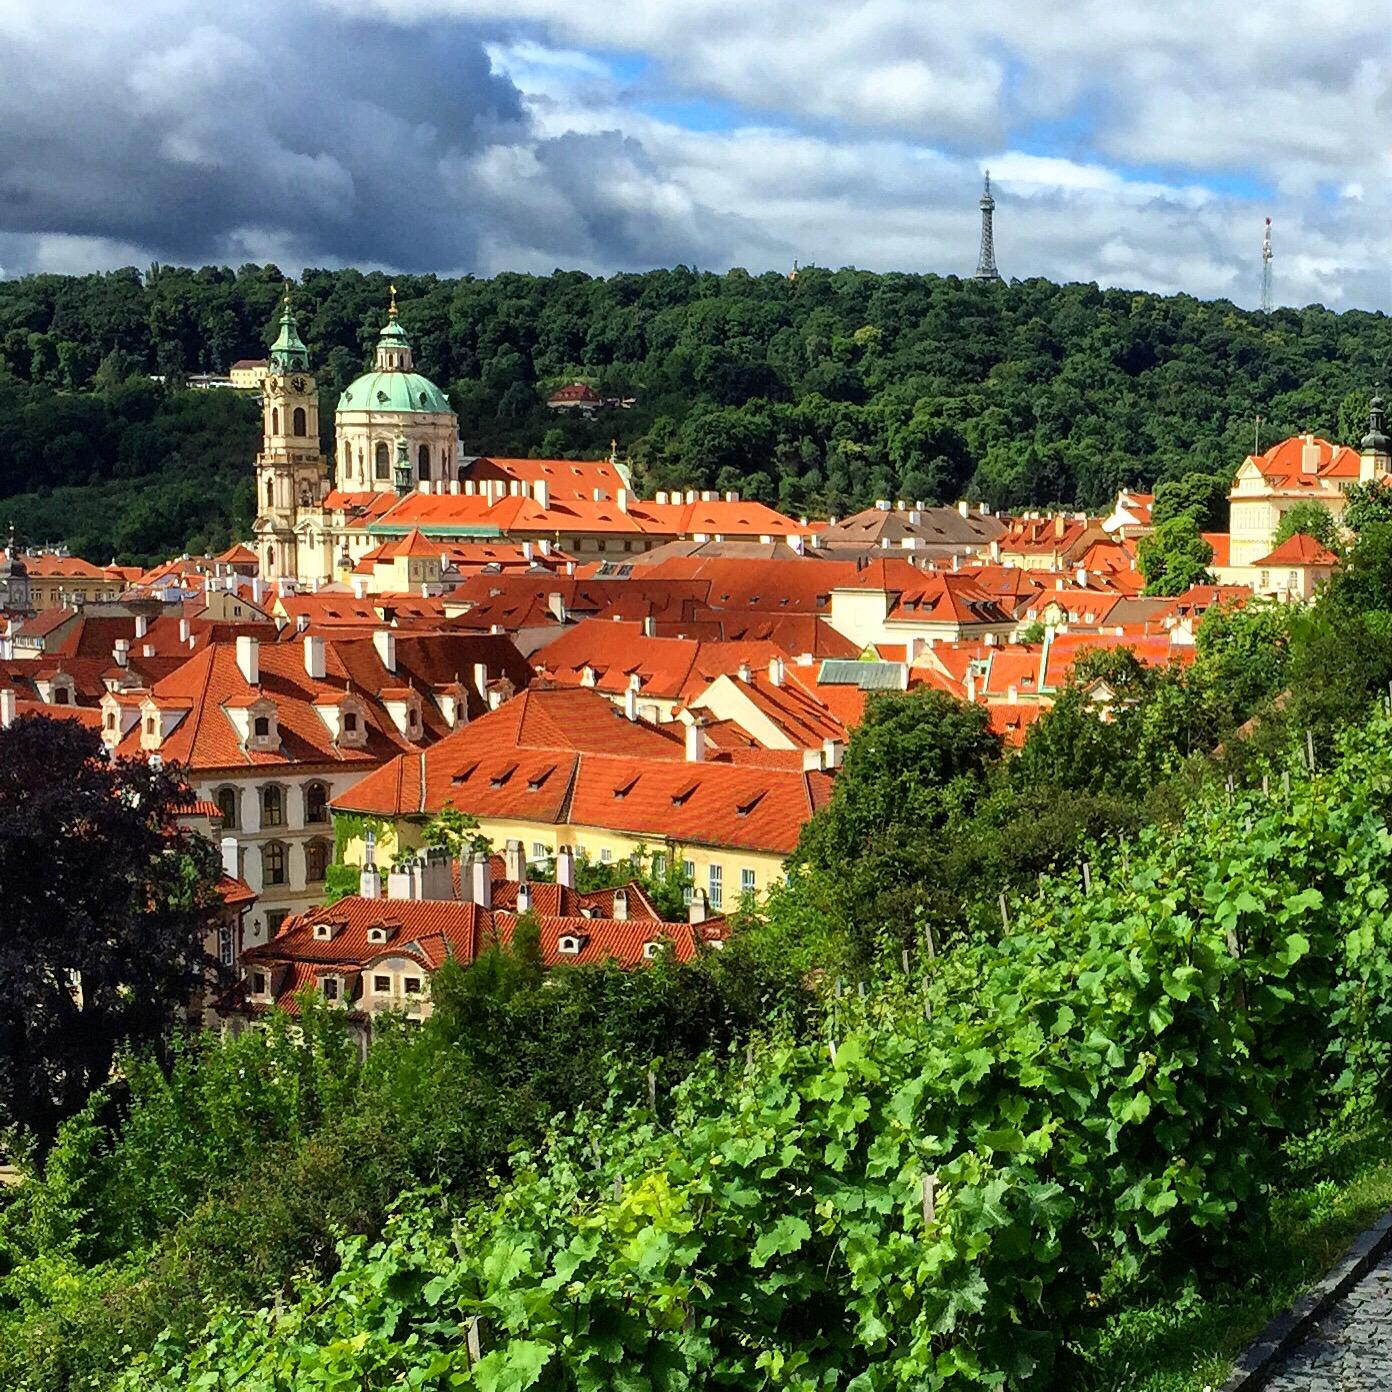 Vinice sv. Václava